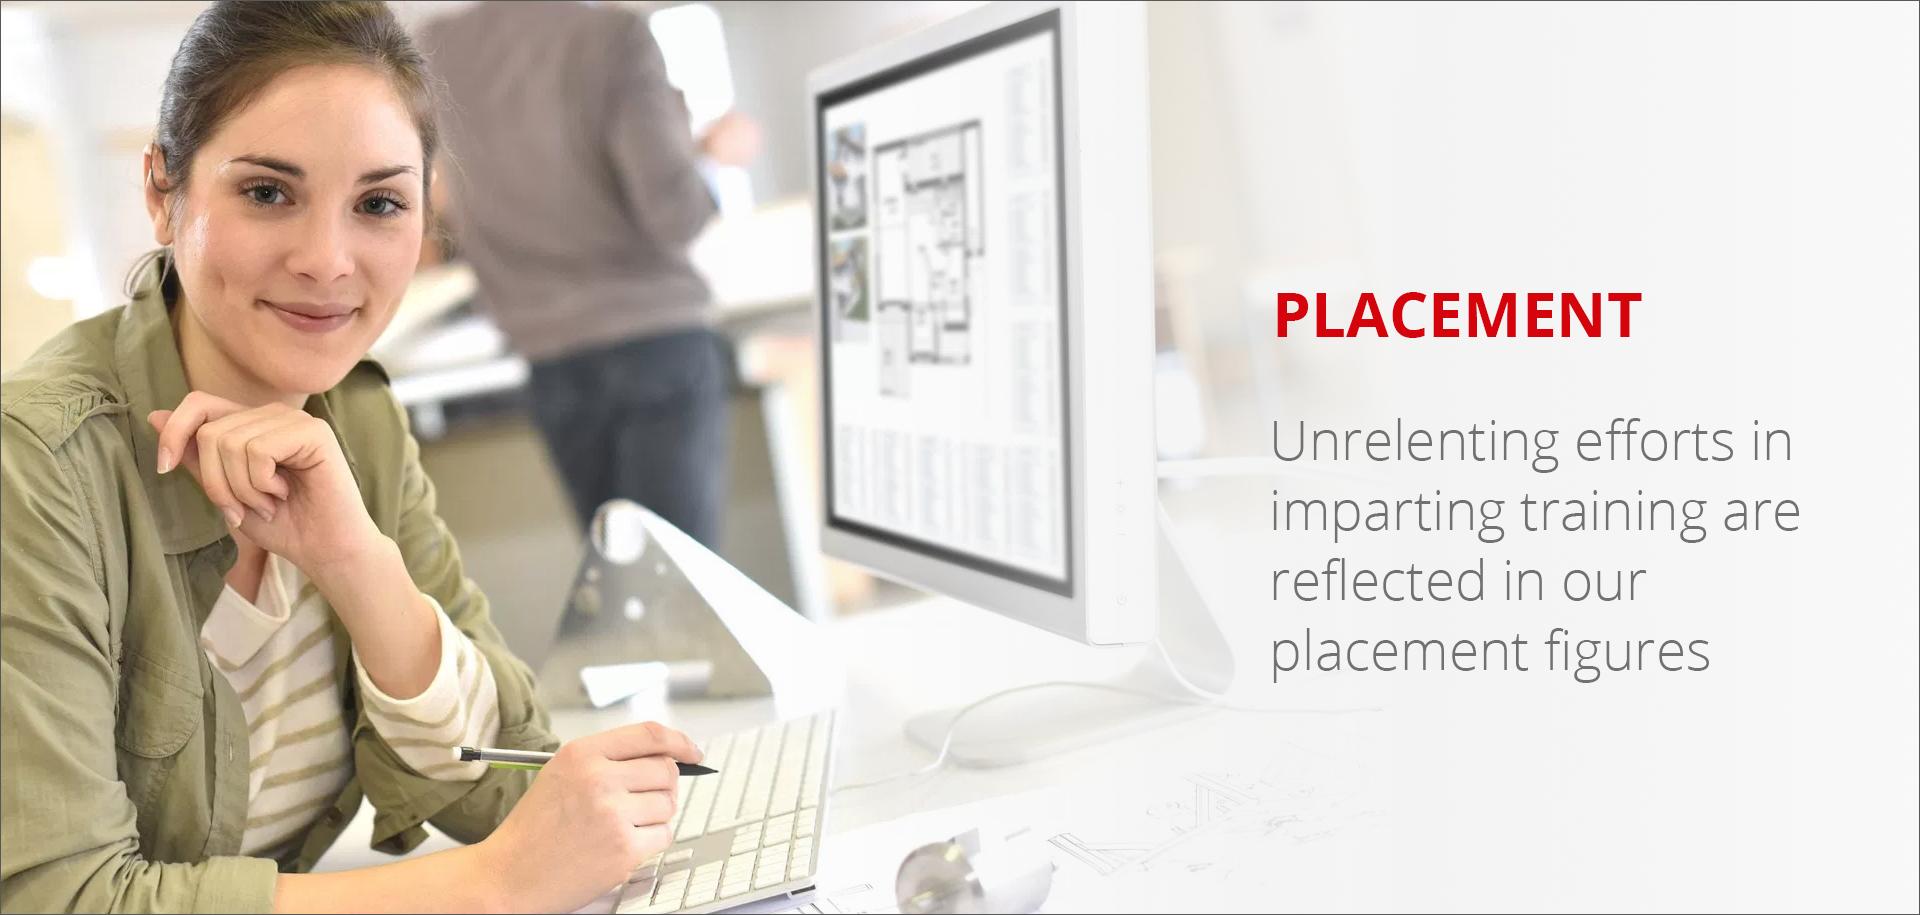 PlacementLanding